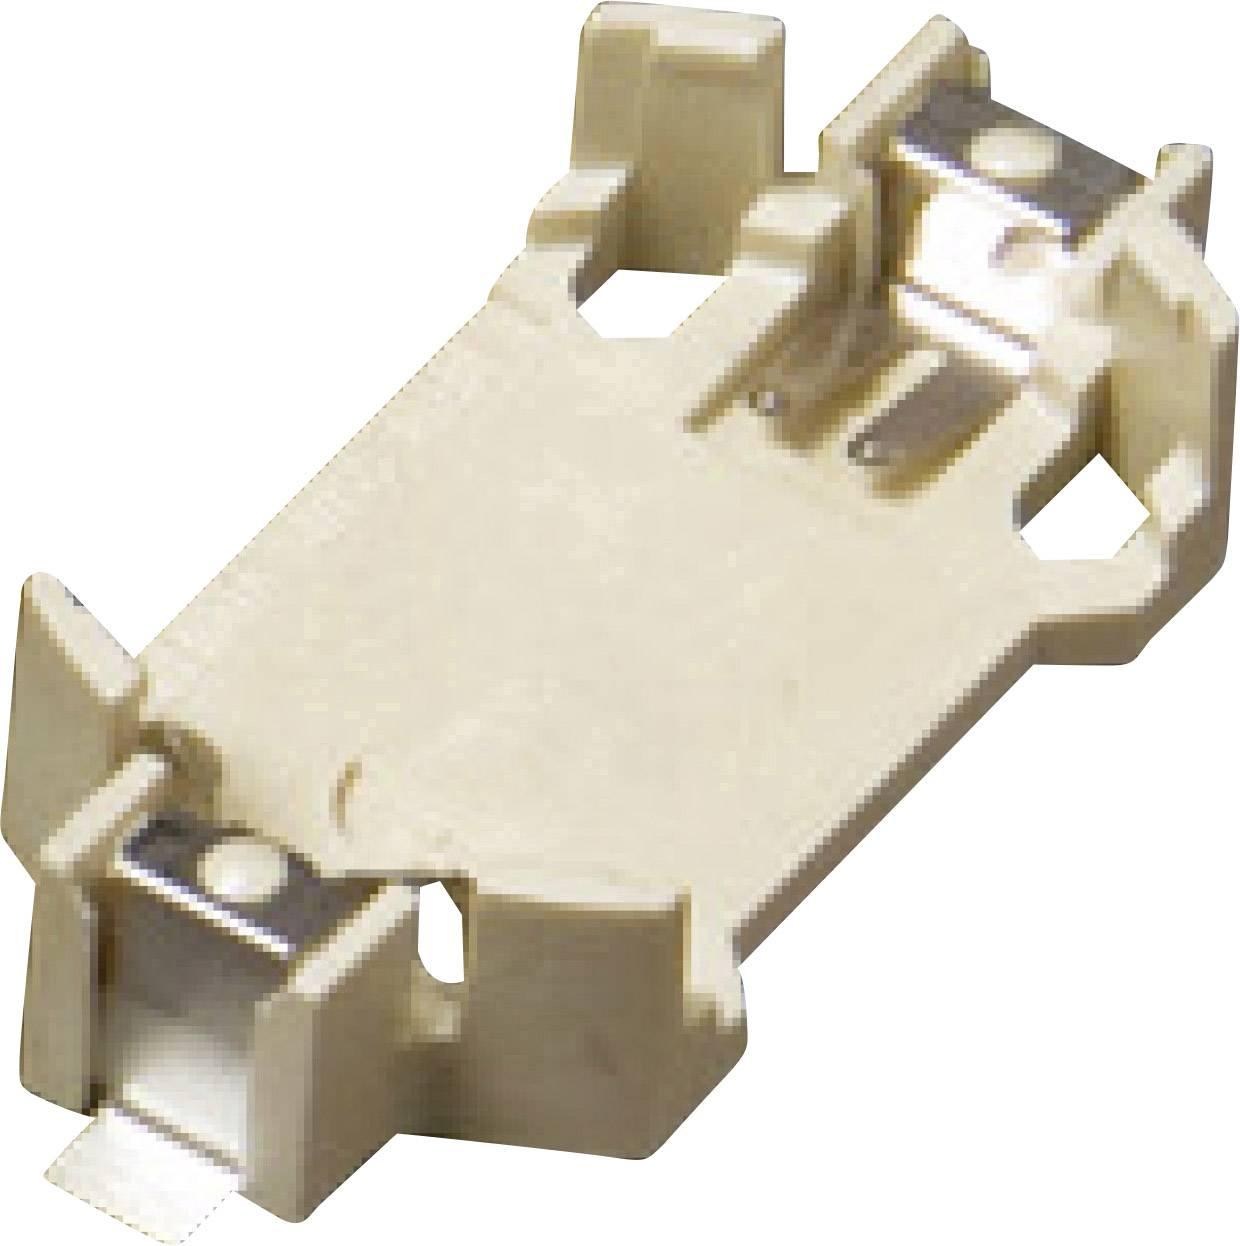 Drřák knoflíkových baterií 1 CR 2450 horizontální , povrchová montáž SMD (d x š x v) 36.5 x 16.1 x 7.5 mm Takachi SMTU2450